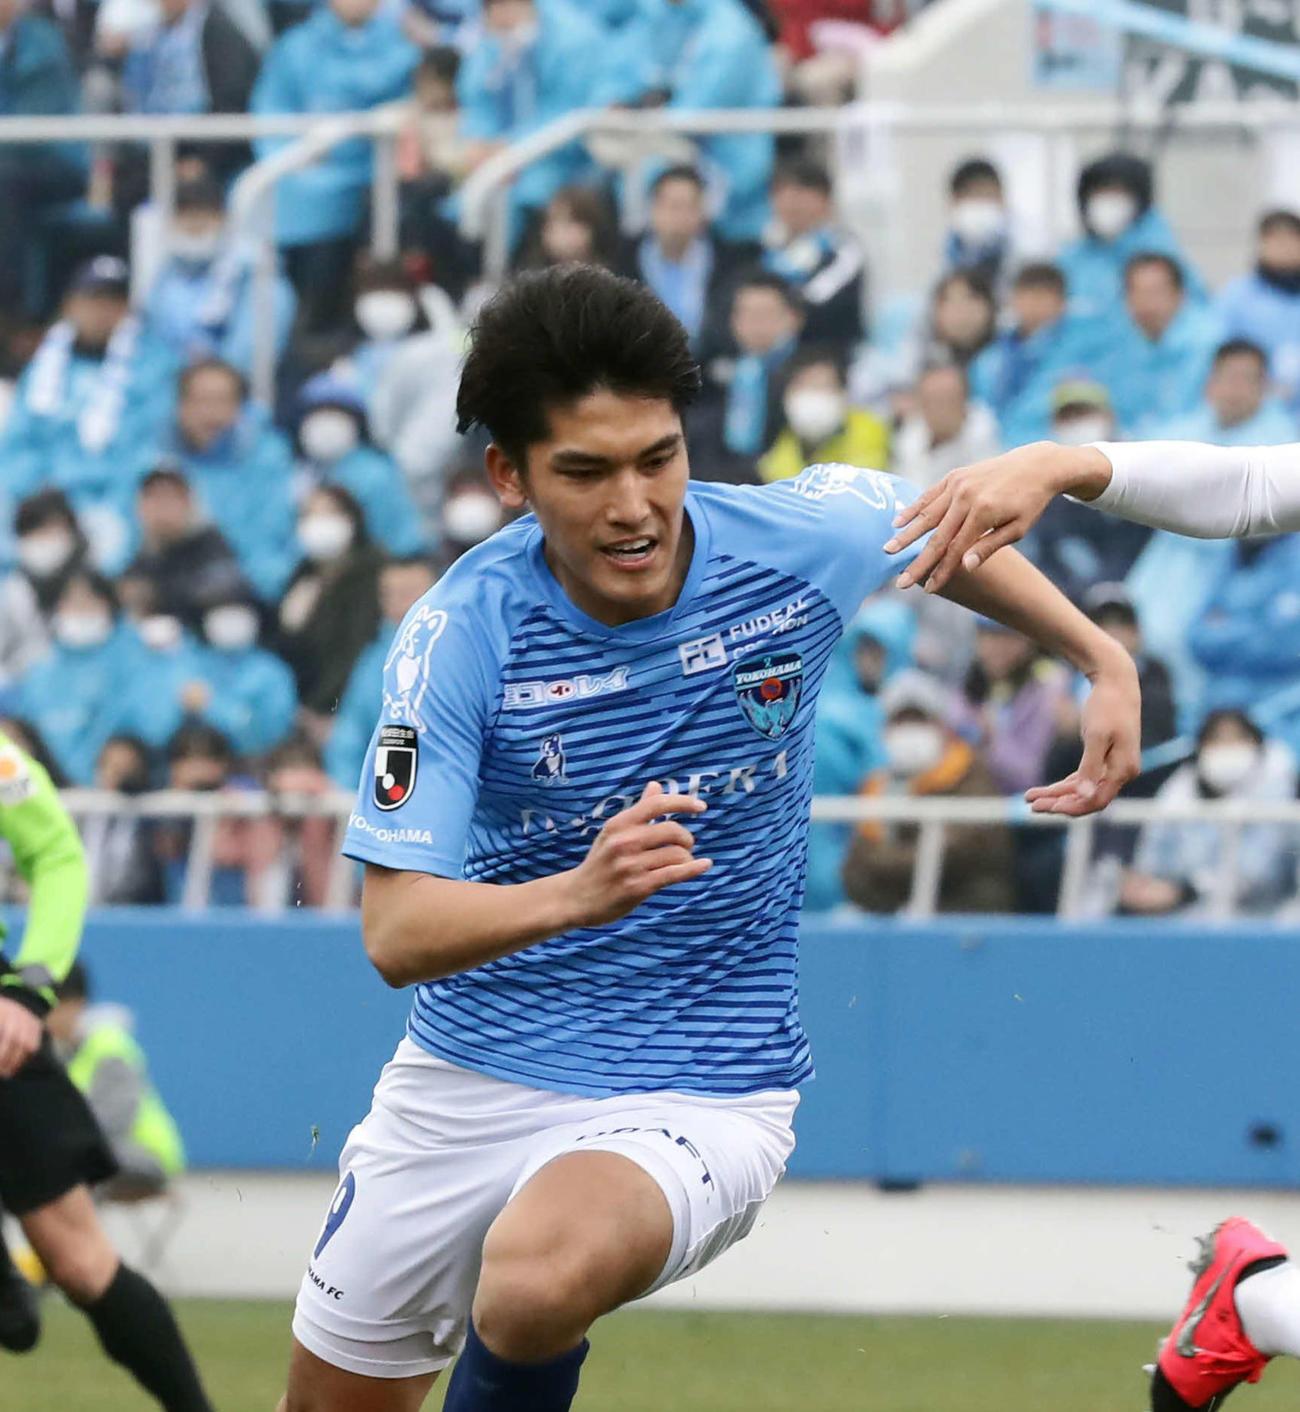 横浜FC・FW一美和成(2020年2月16日撮影)